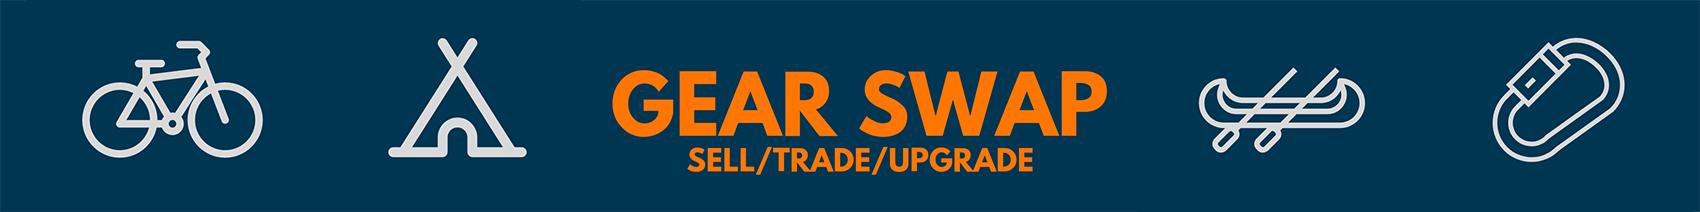 Gear-Swap-Square.jpg